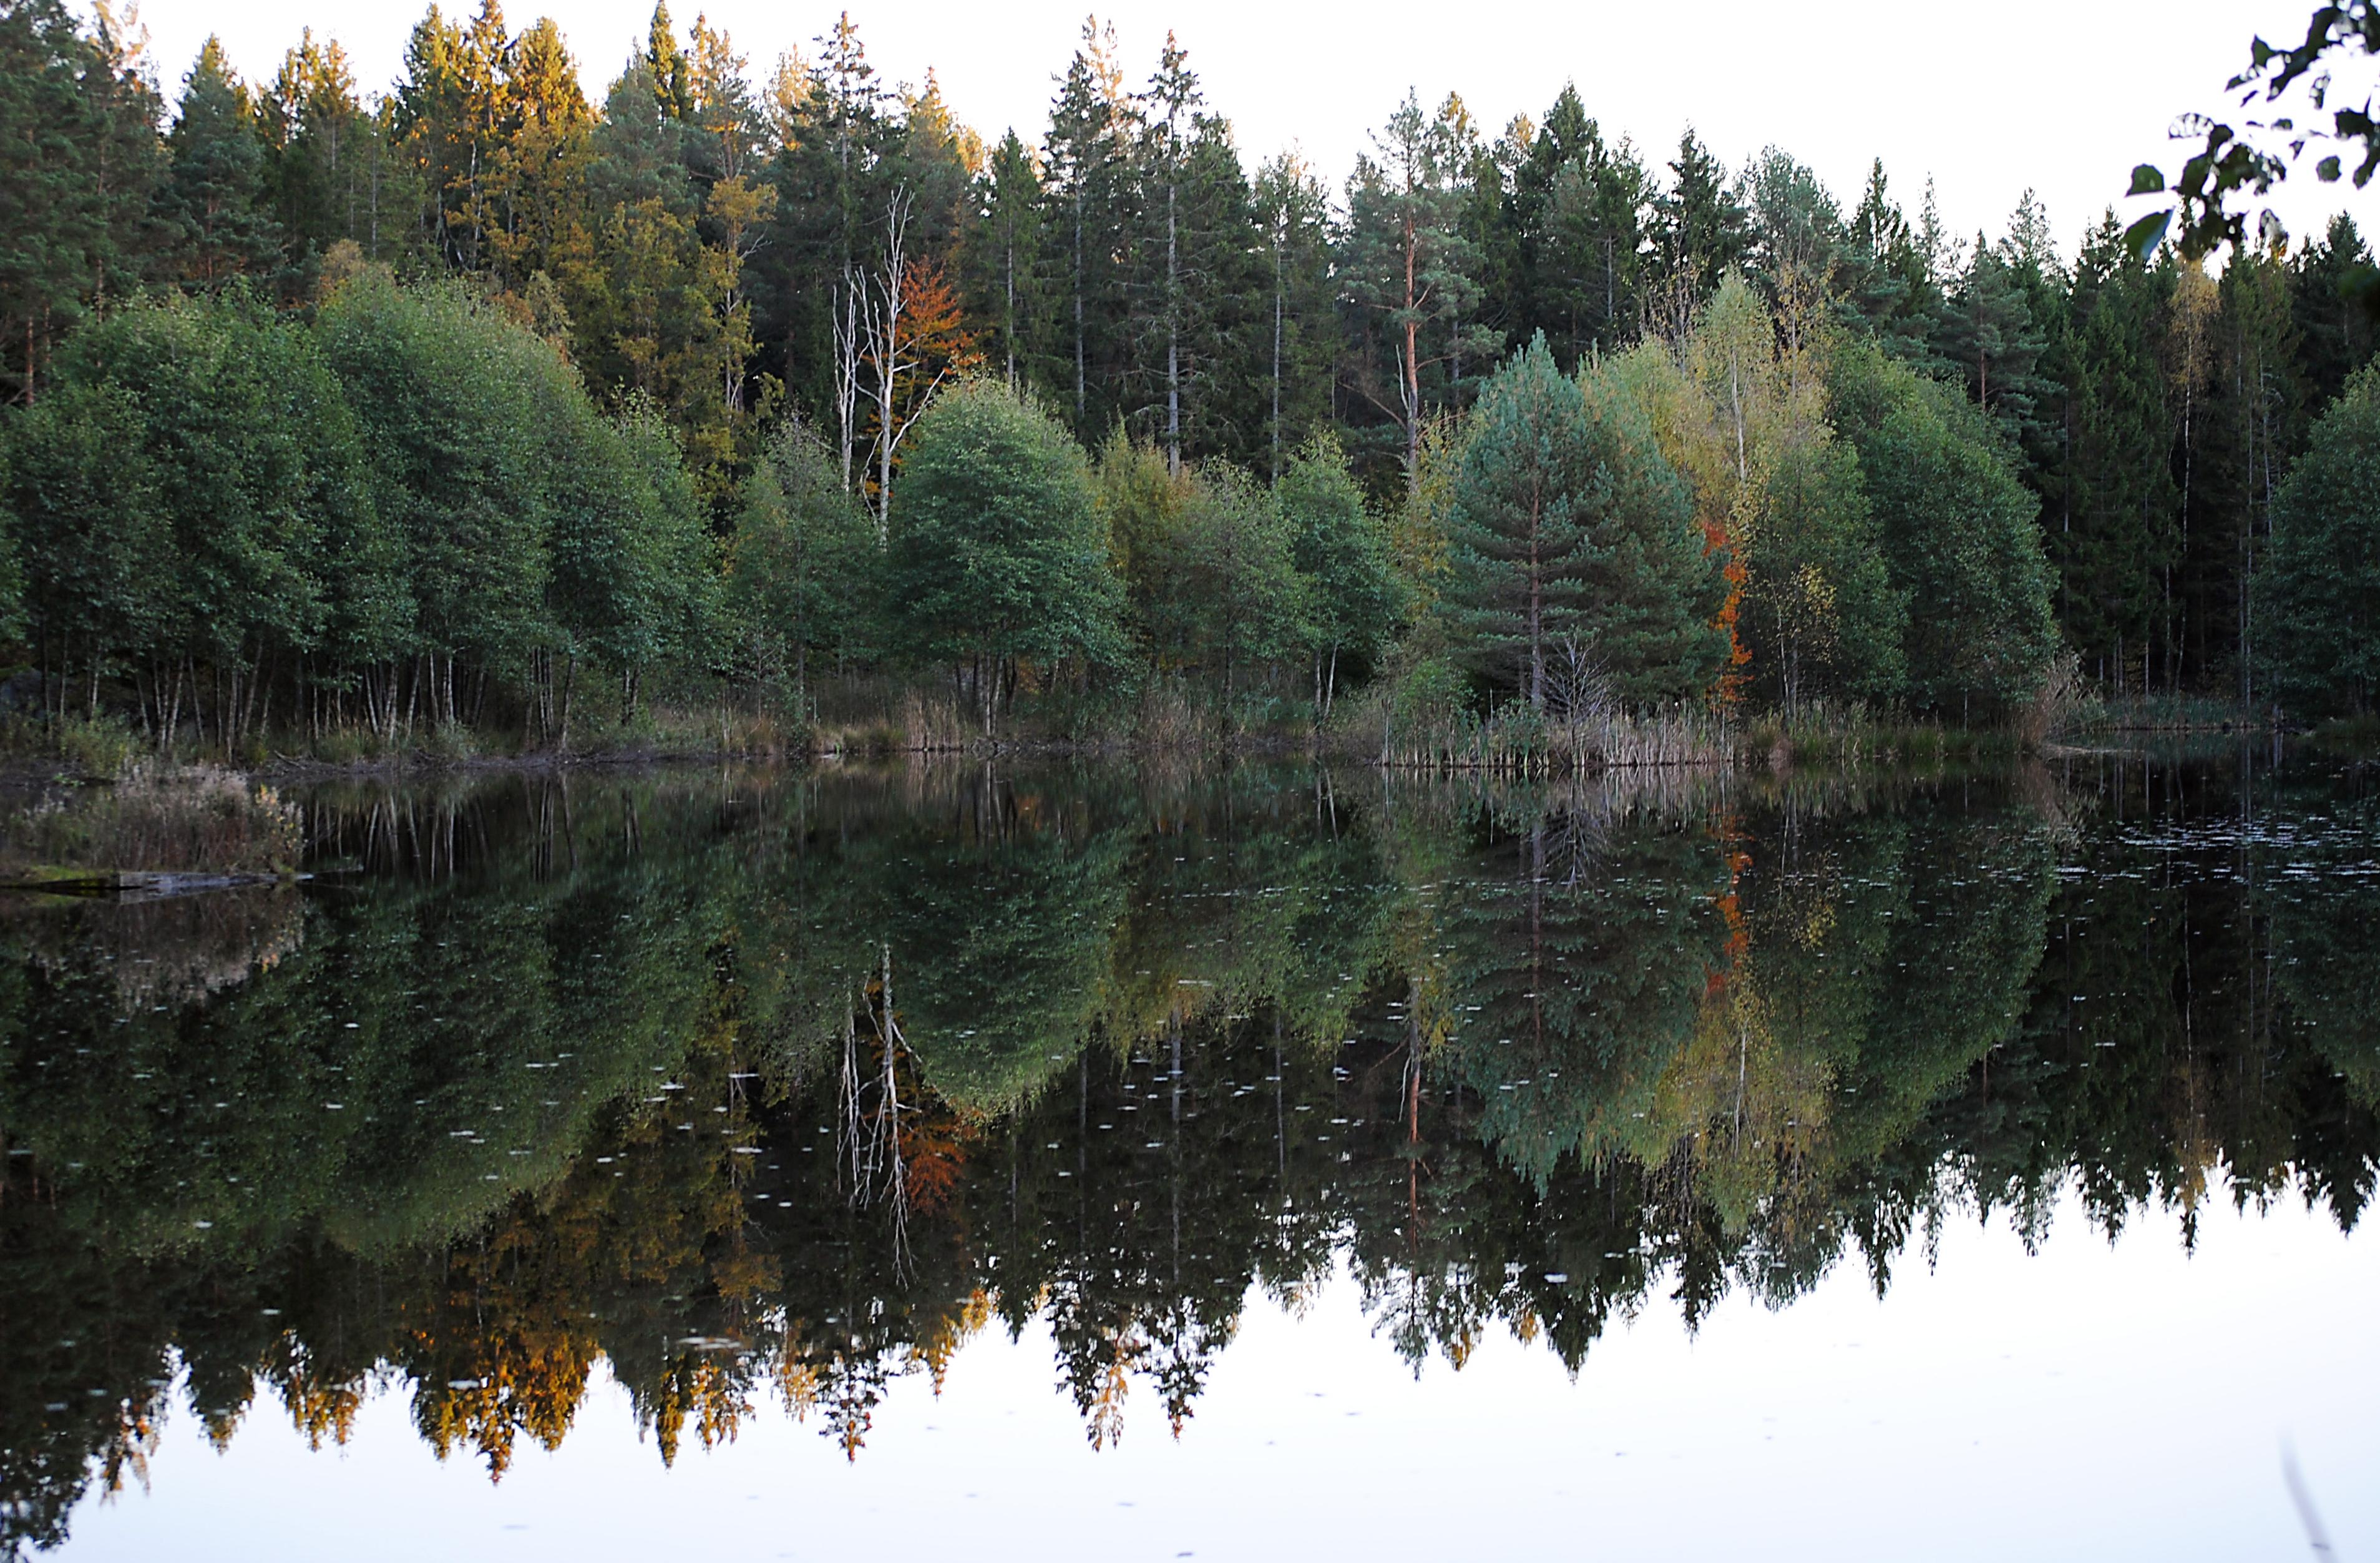 daphne skoglund hennepin countyrecords